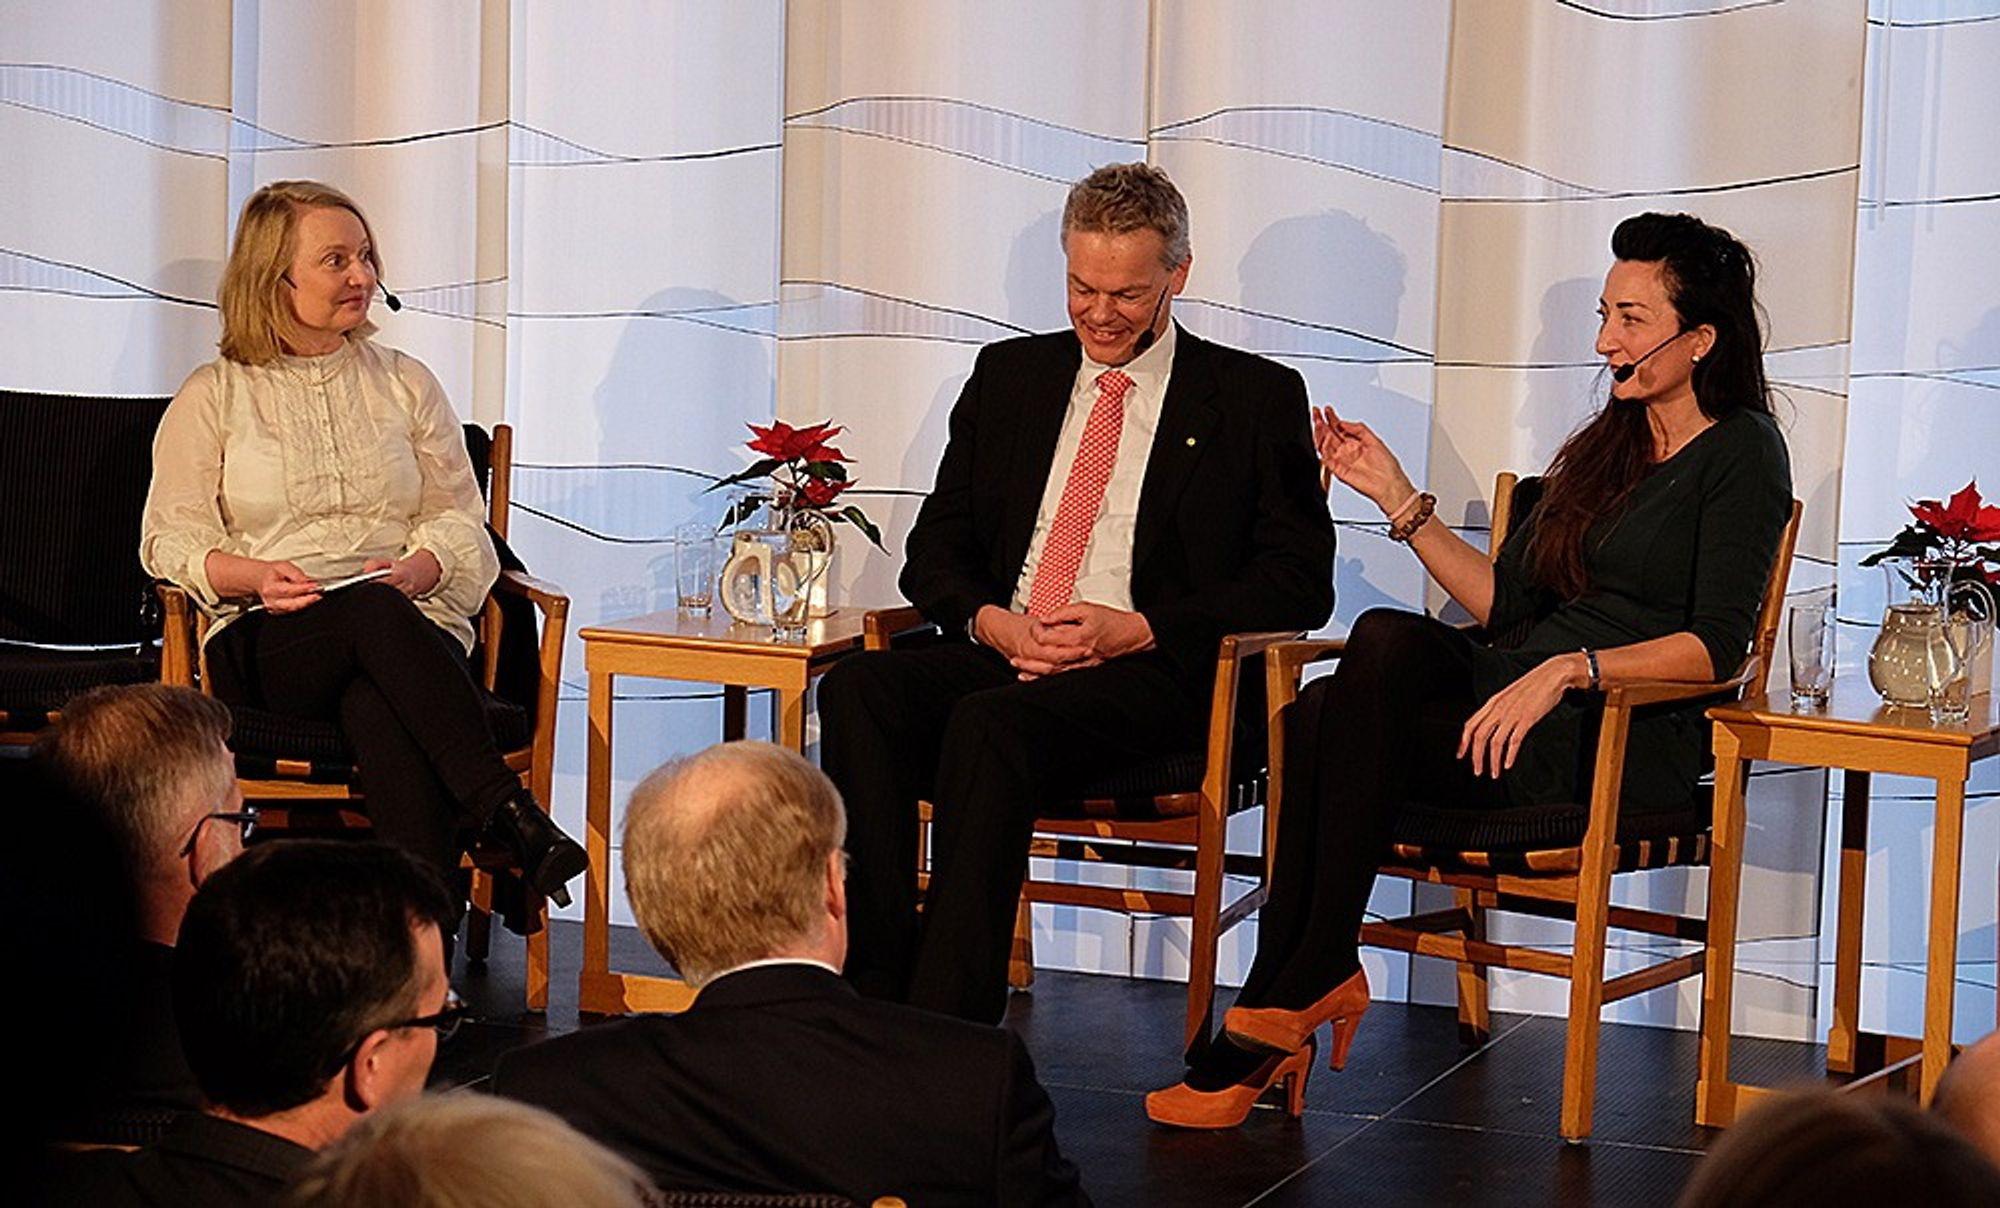 Edvard og May-Britt Moser deltok på en debatt om skolen i Norge og Sverige ved Den norske ambassaden i Stockholm. Her intervjues de av tidligere vitenskapsredaktør i Dagens Nyheter, Karin Bojs.